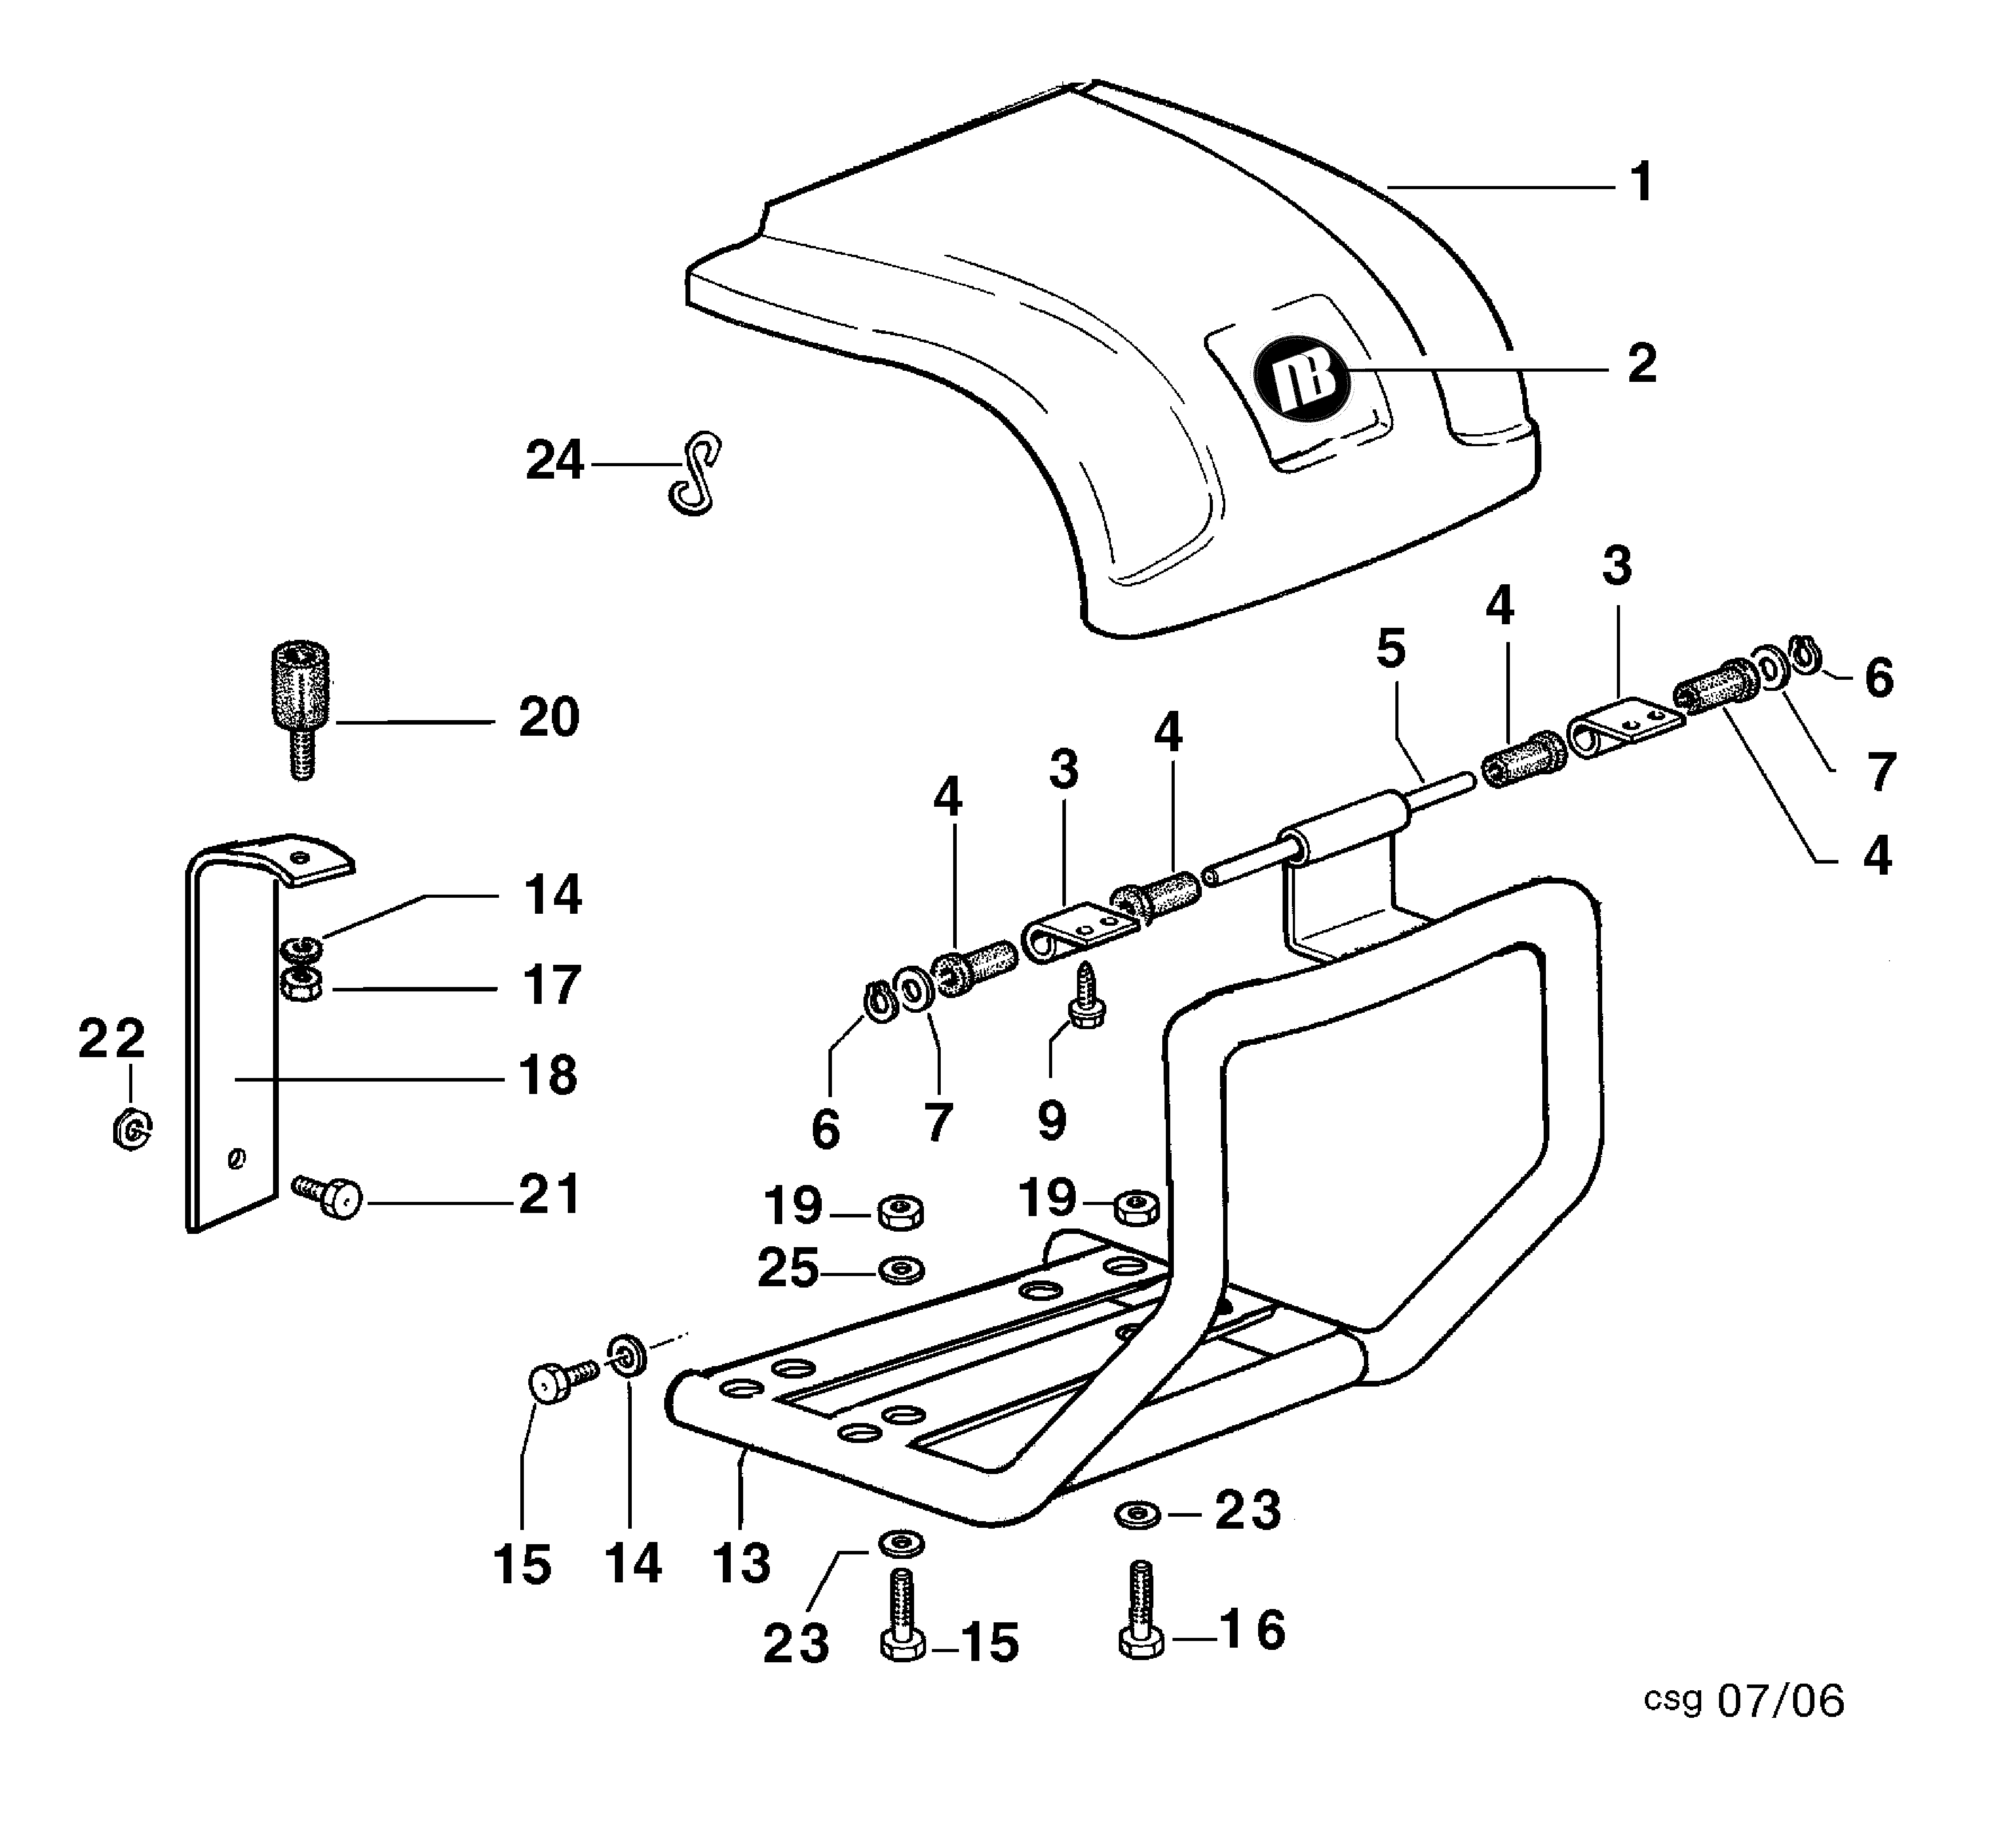 BRIK 3 (EN 709) Motoculteur OLEOMAC NIBBI vue éclatée Dessins pièces -  Coffre